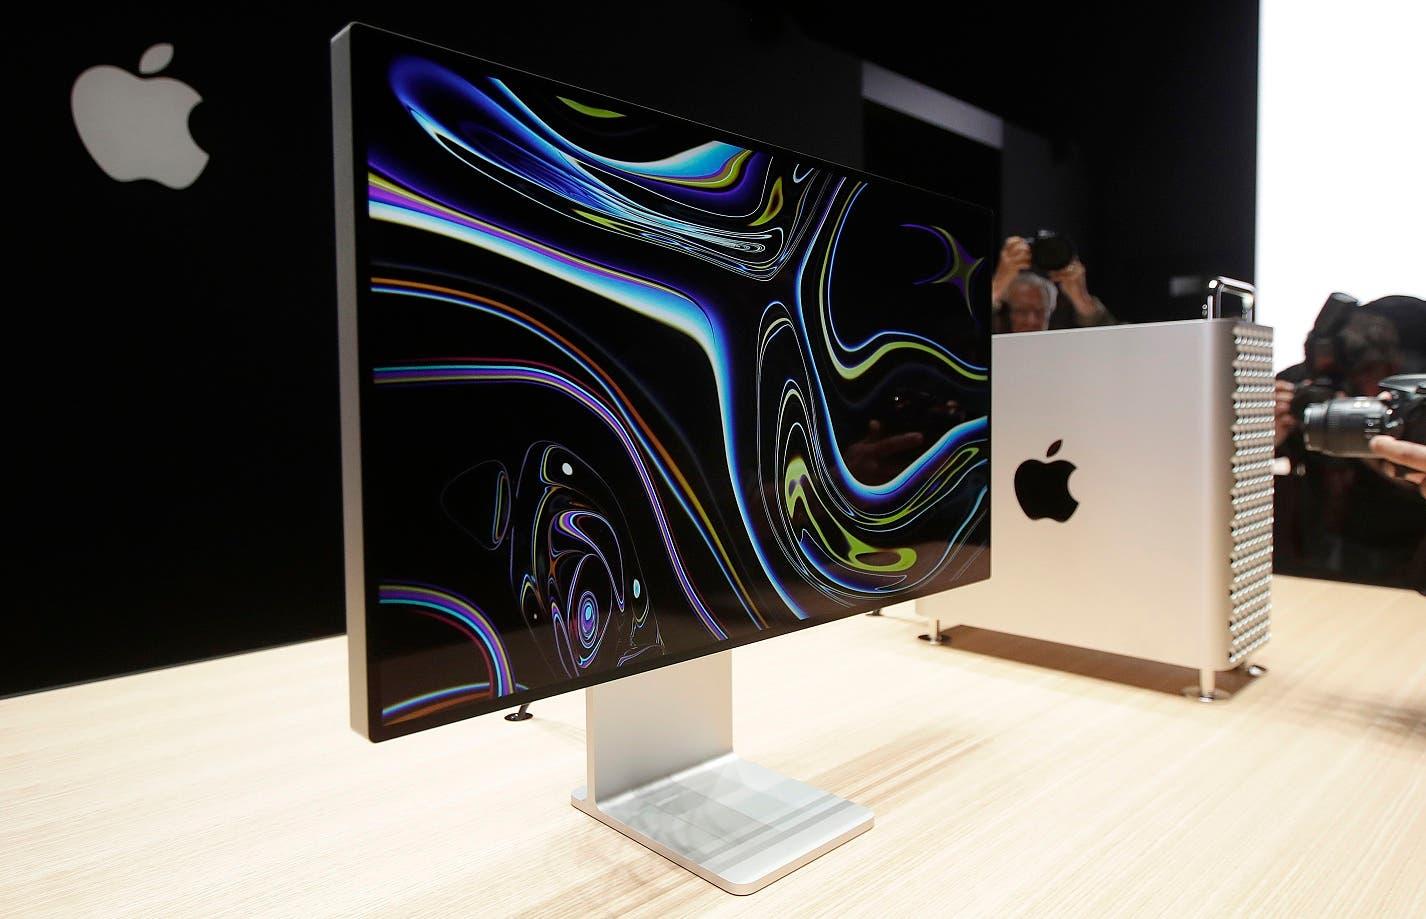 Fotografía de archivo del 3 de junio de 2019 del monitor de una Mac Pro en exhibición en el puesto de Apple en la Worldwide Developers Conference en San José, California. (AP Foto/Jeff Chiu, Archivo)